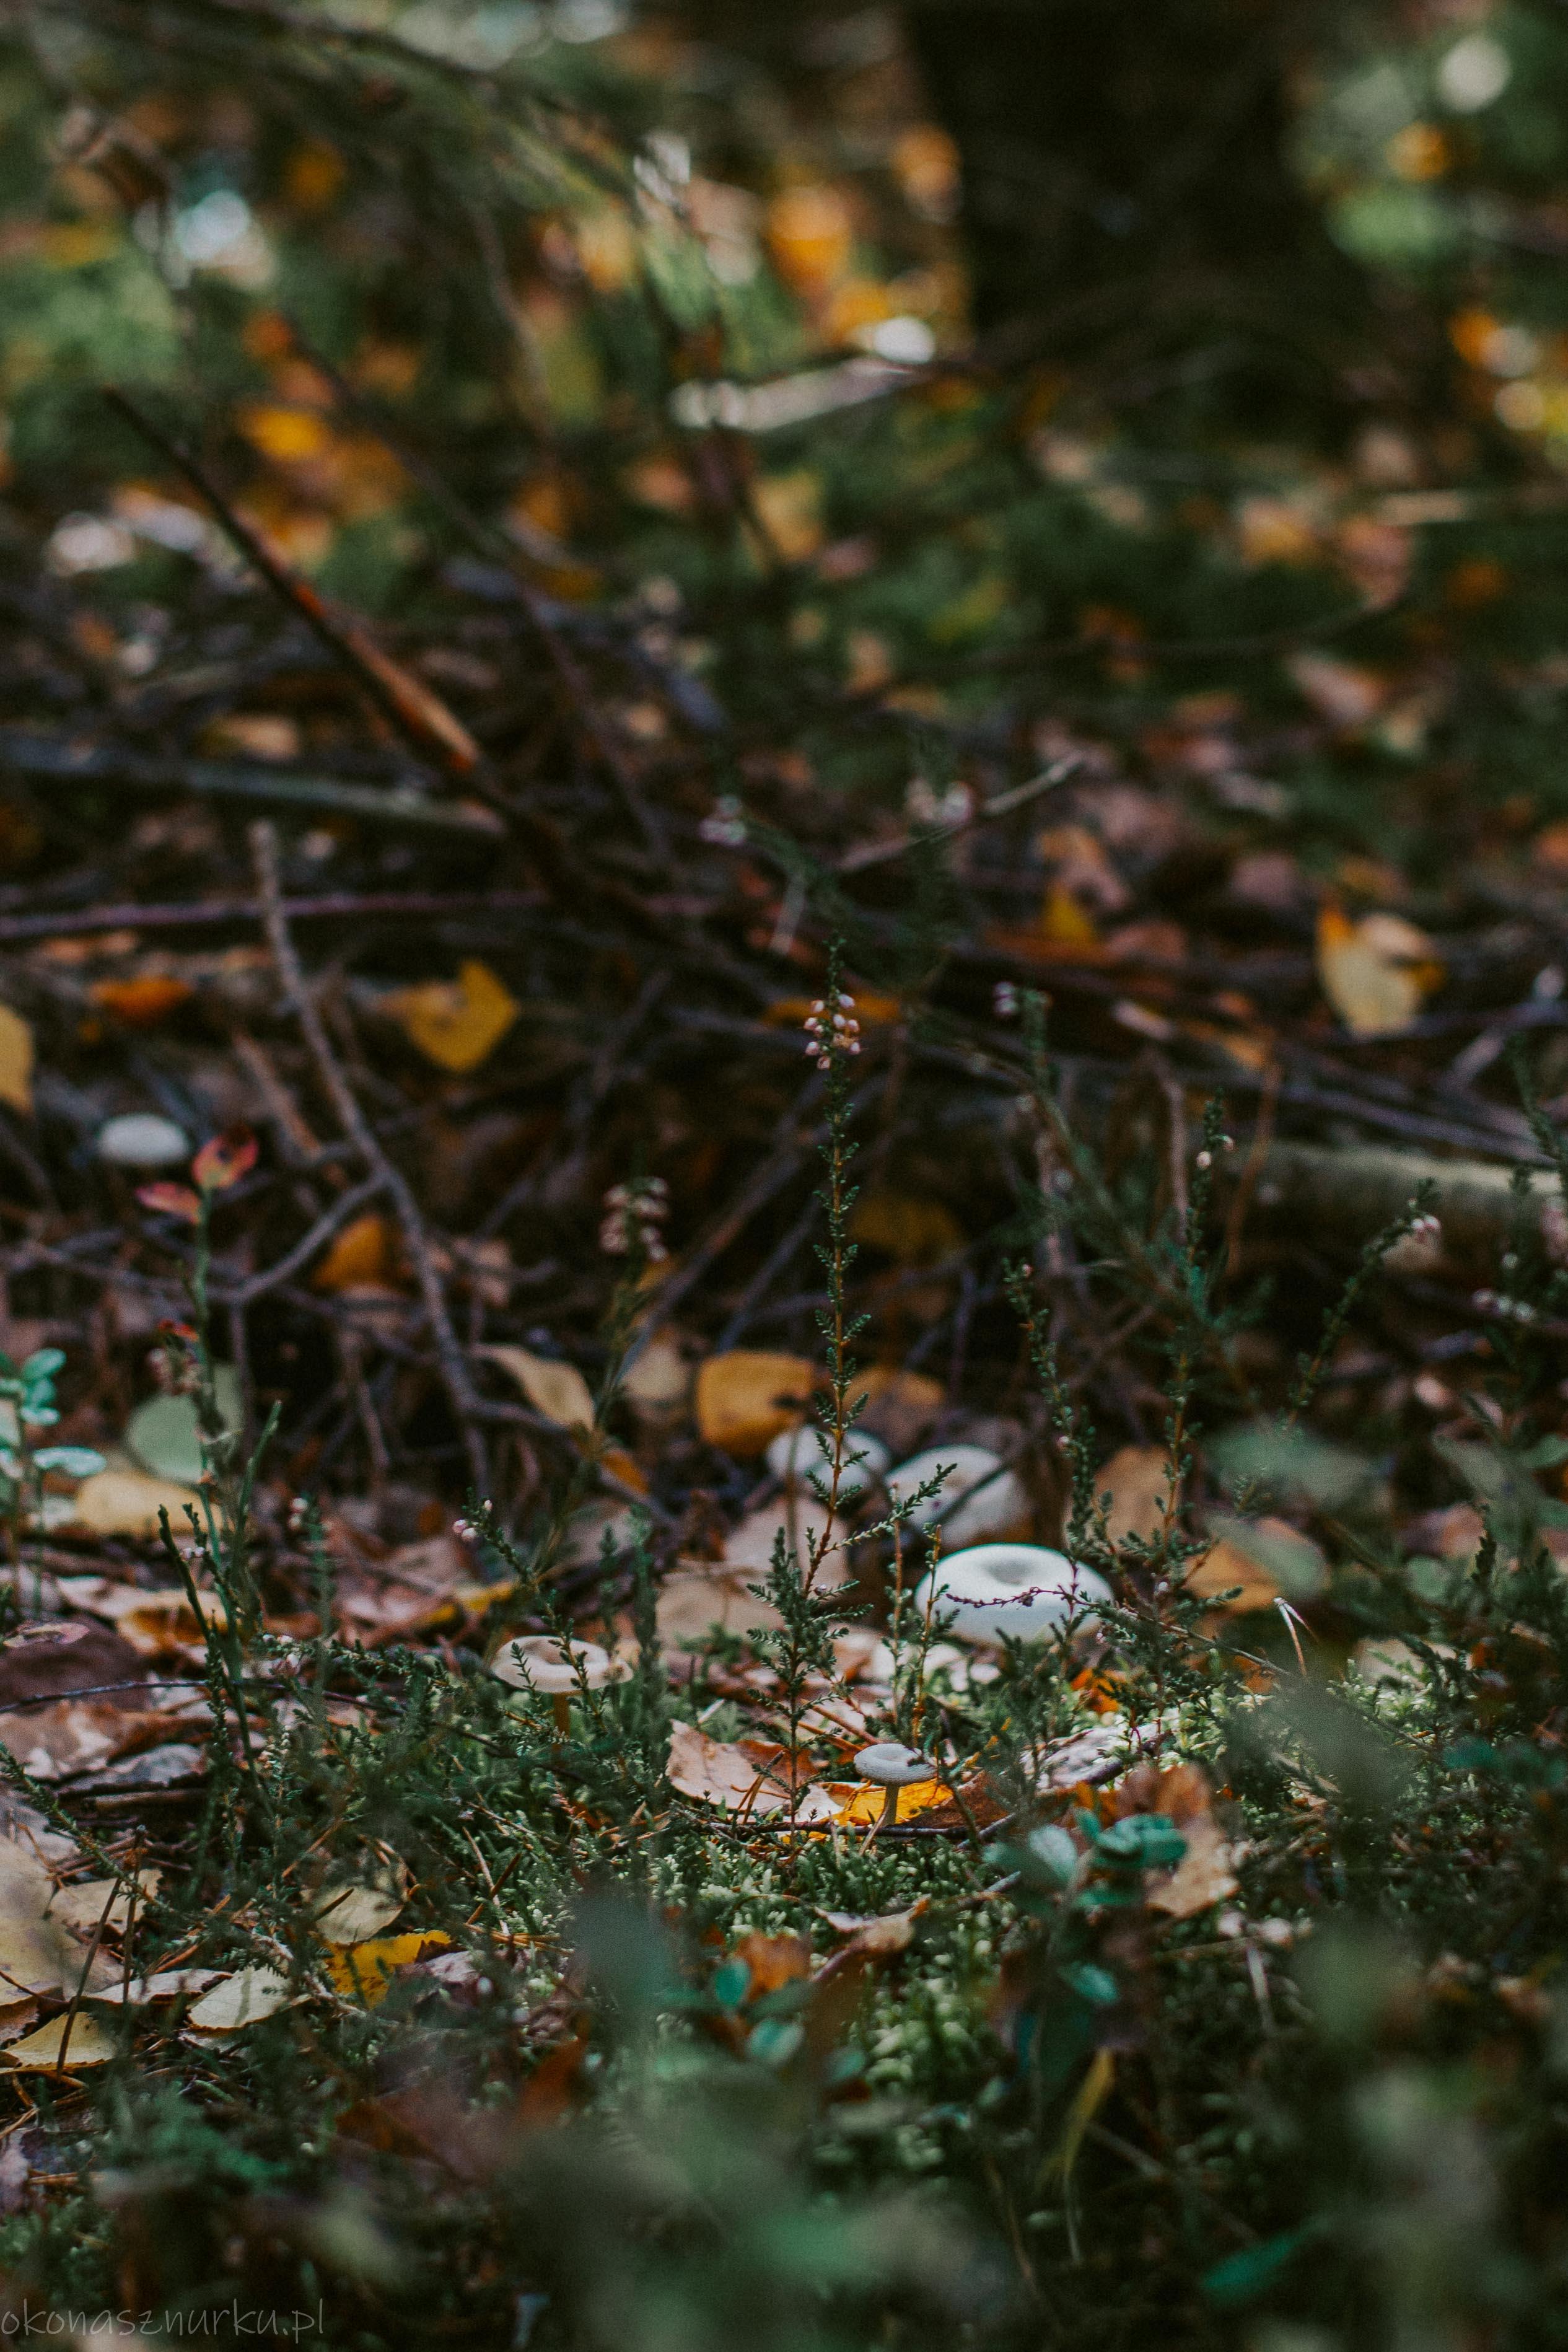 grzybobranie-okonasznurku (44)